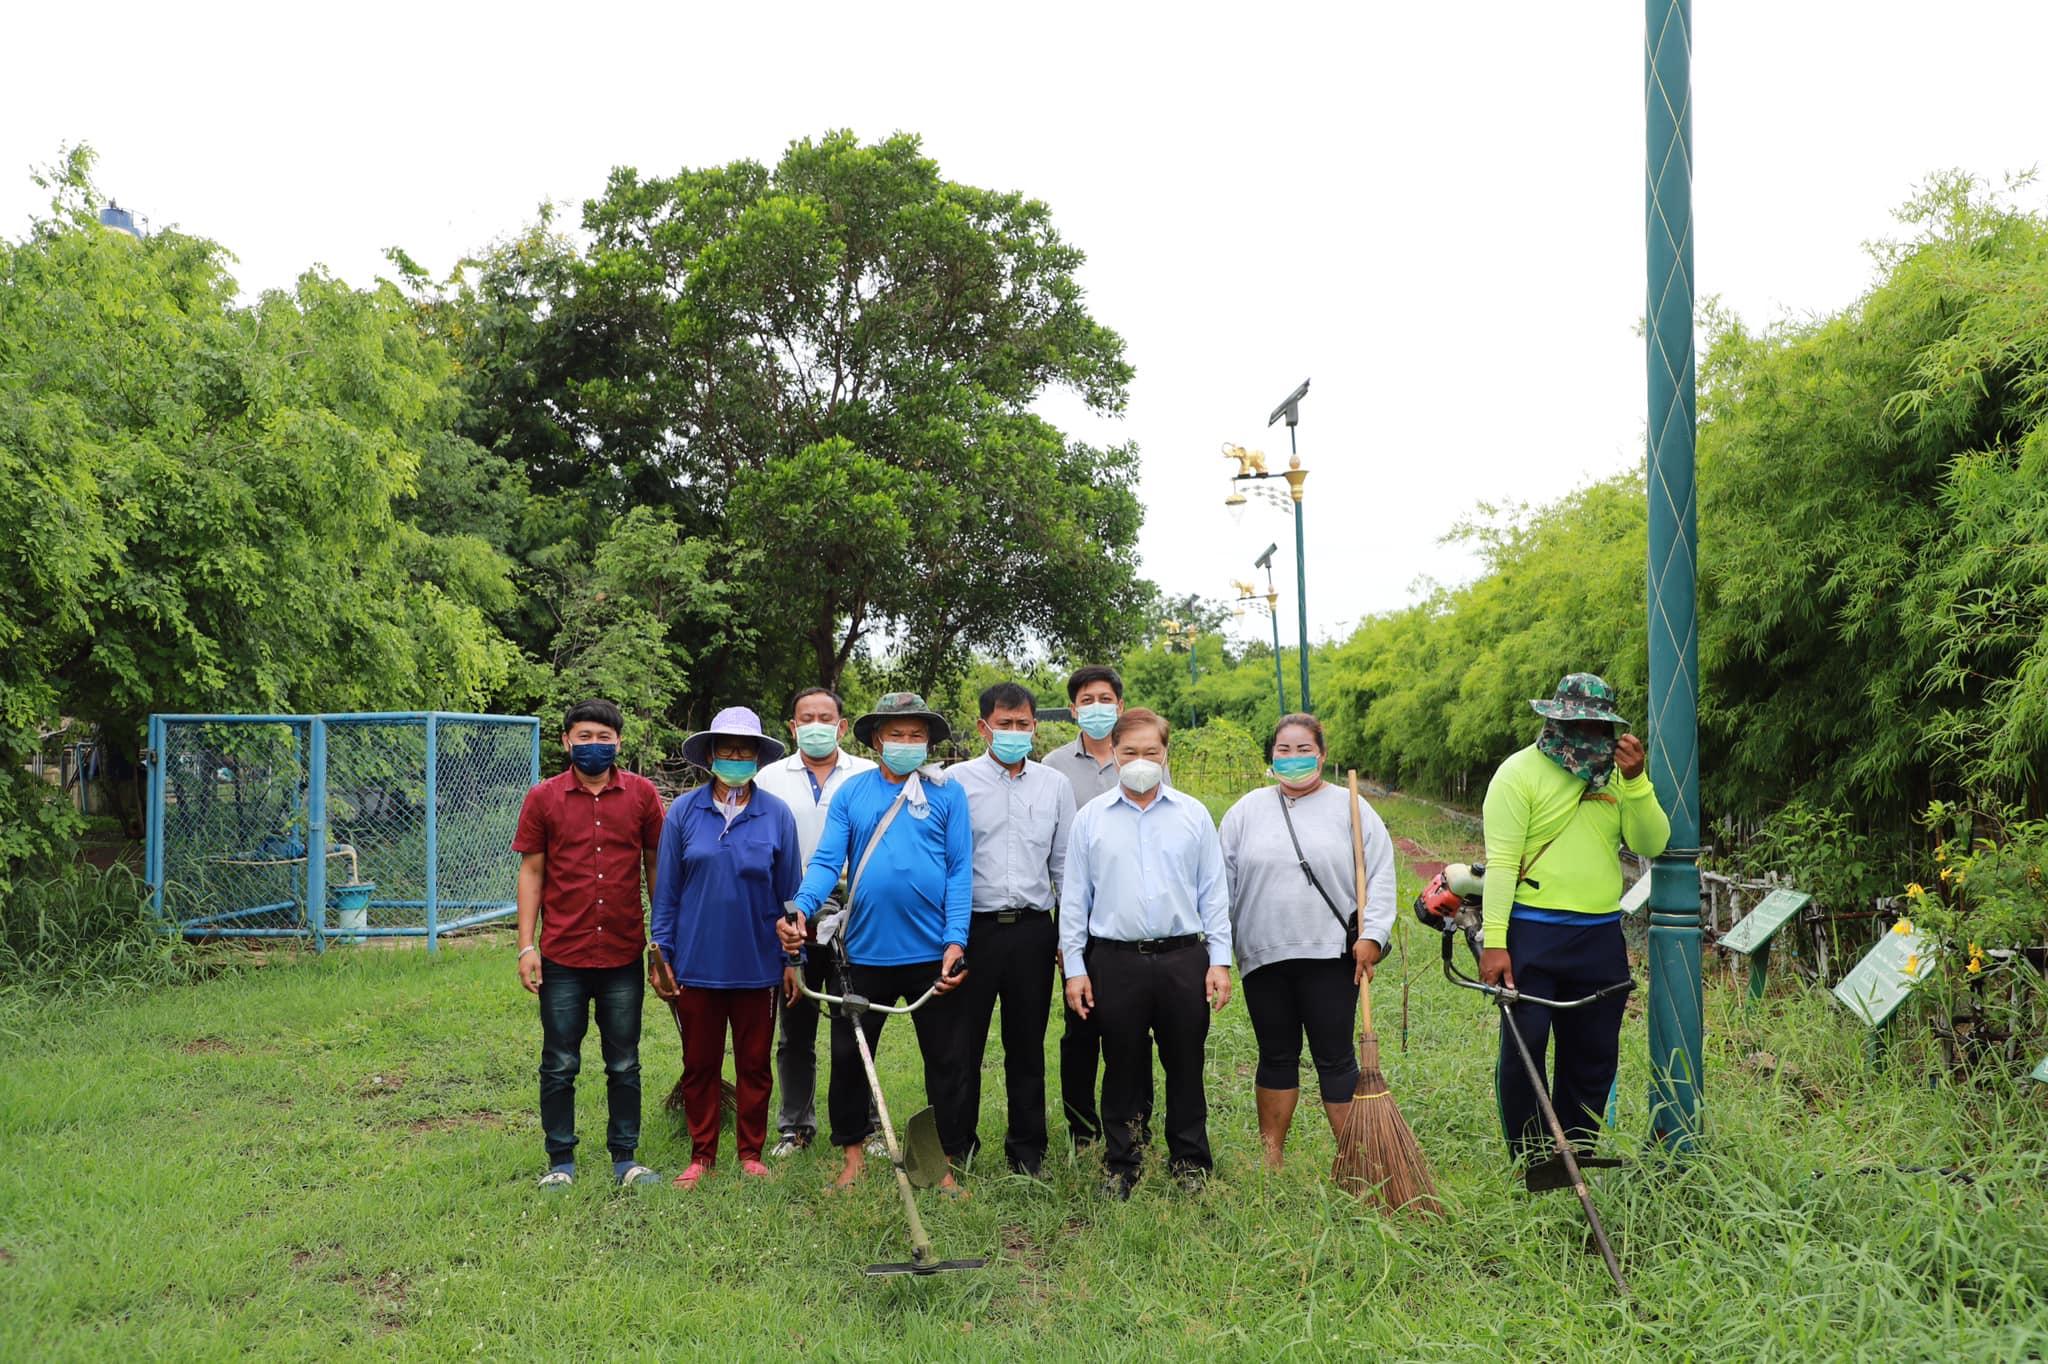 อบจ.อ่างทอง จัดเตรียมสถานที่จัดทำ โครงการอนุรักษ์พันธุกรรมพืช อันเนื่องมาจากพระราชดำริ สมเด็จพระเทพรัตนราชสุดาฯ สยามบรมราชกุมารี